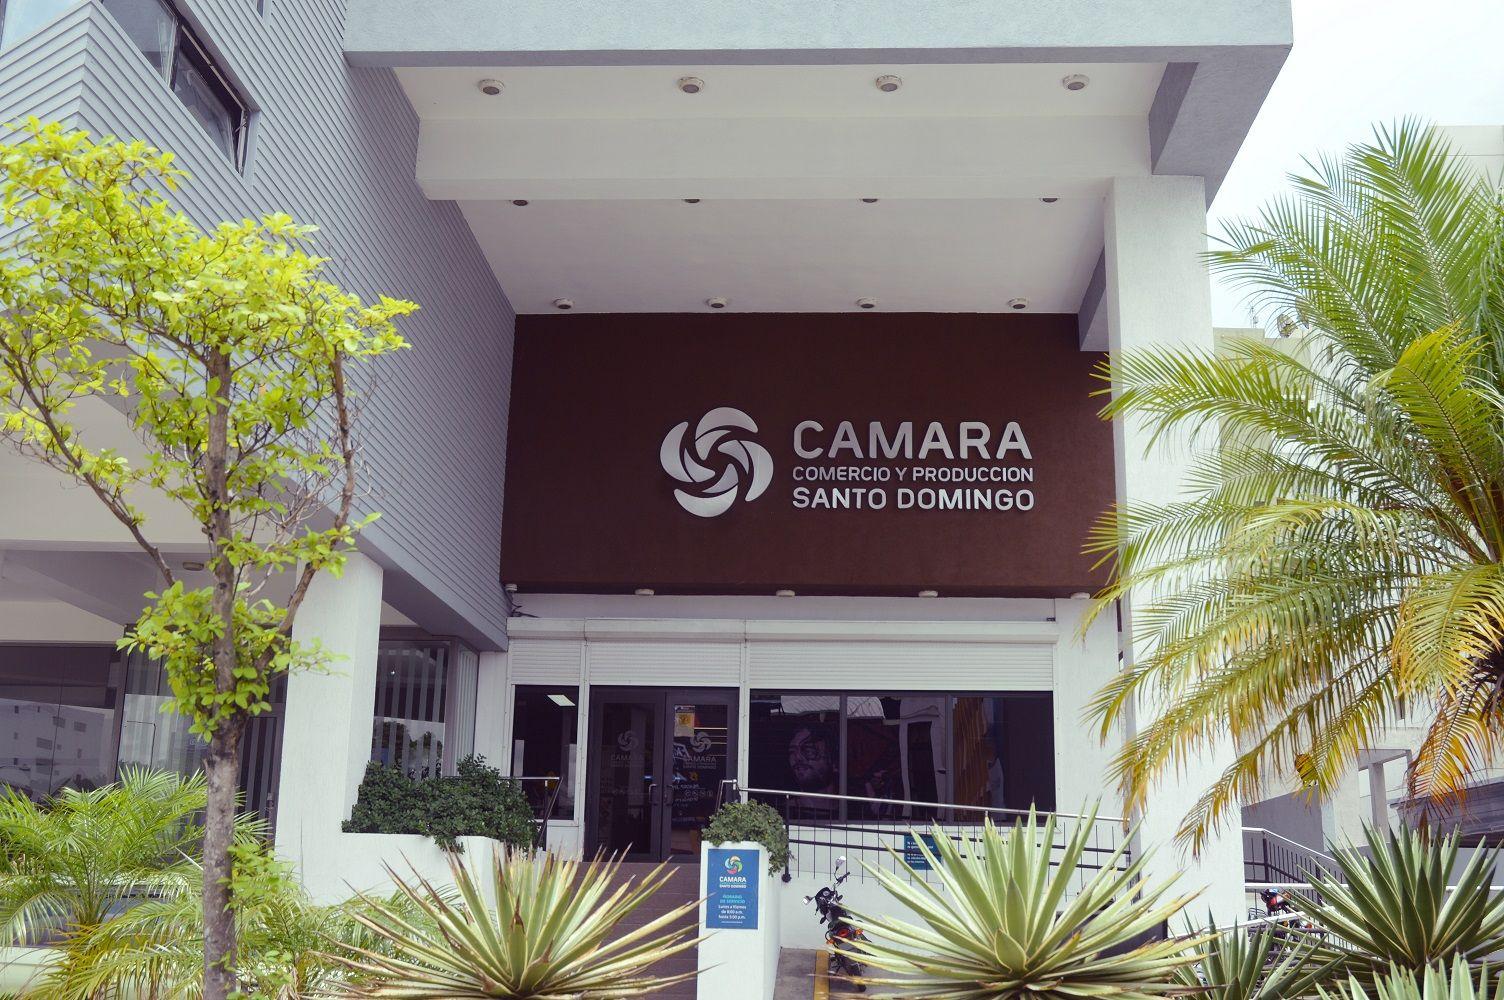 Cámara de Comercio y Producción de Santo Domingo realiza 75 mil  transacciones en el último año, el 89% en menos de 24 horas.